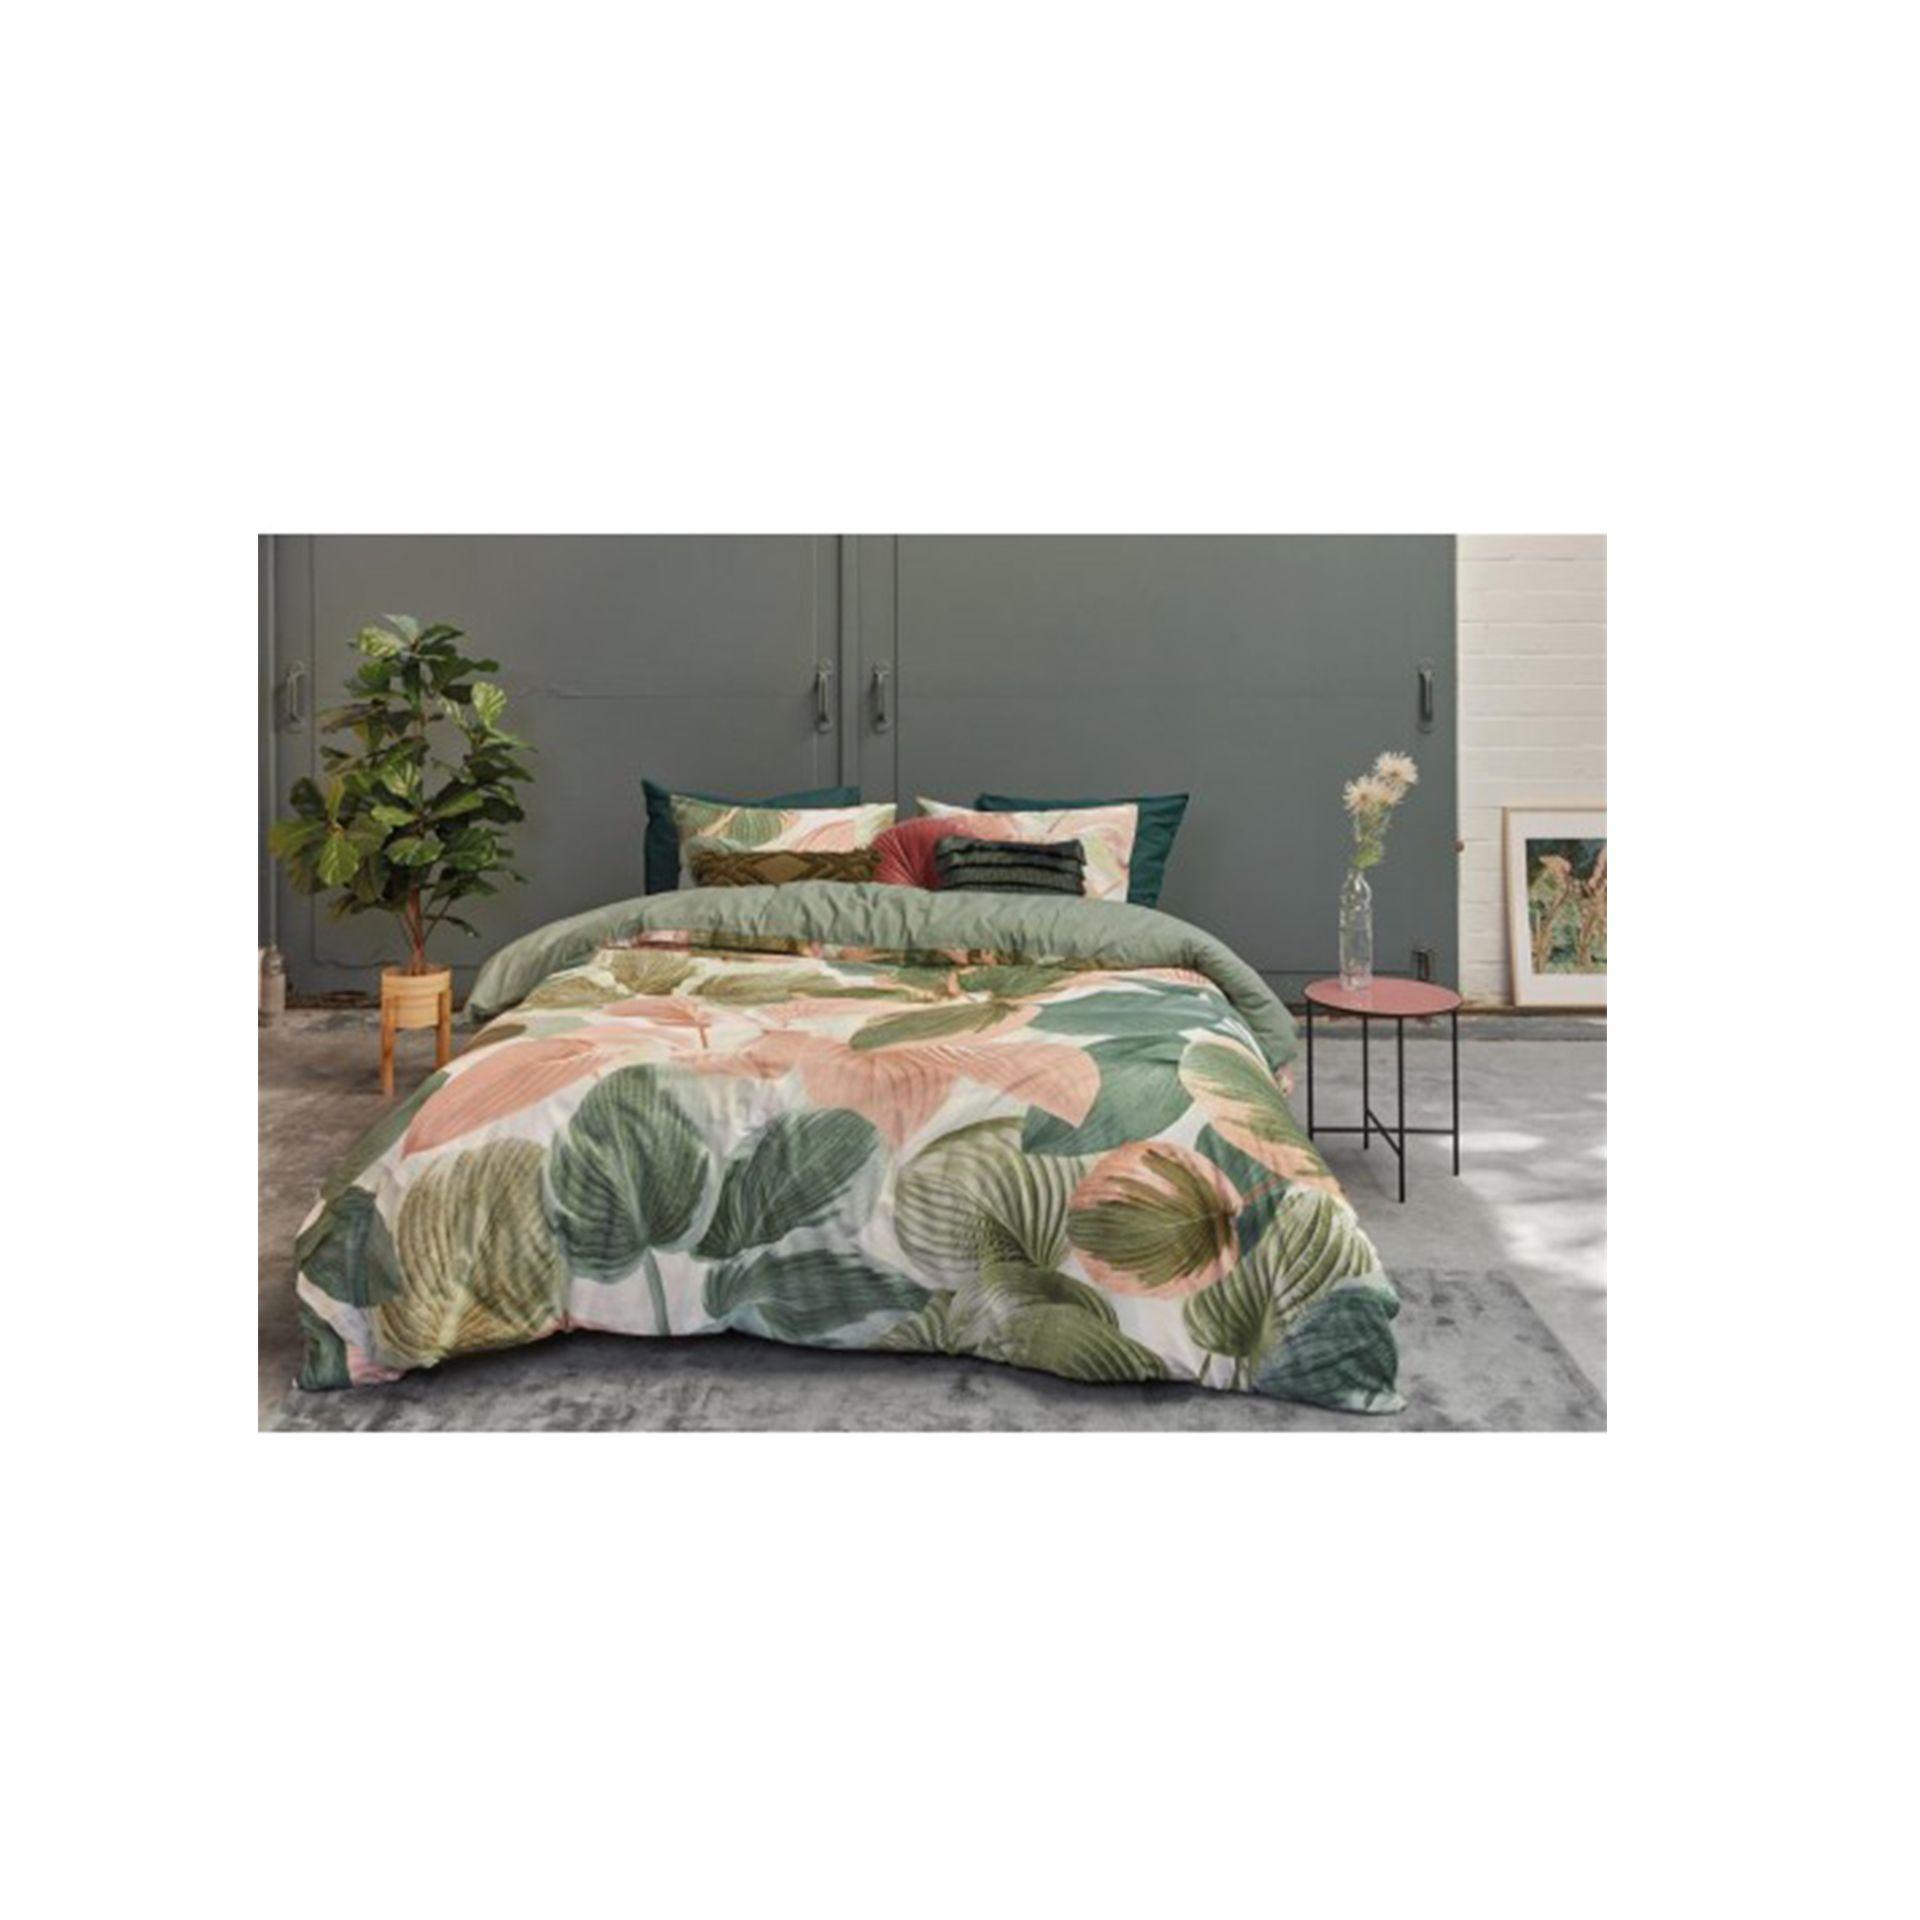 Beddinghouse - Hosta green dekbedovertrek